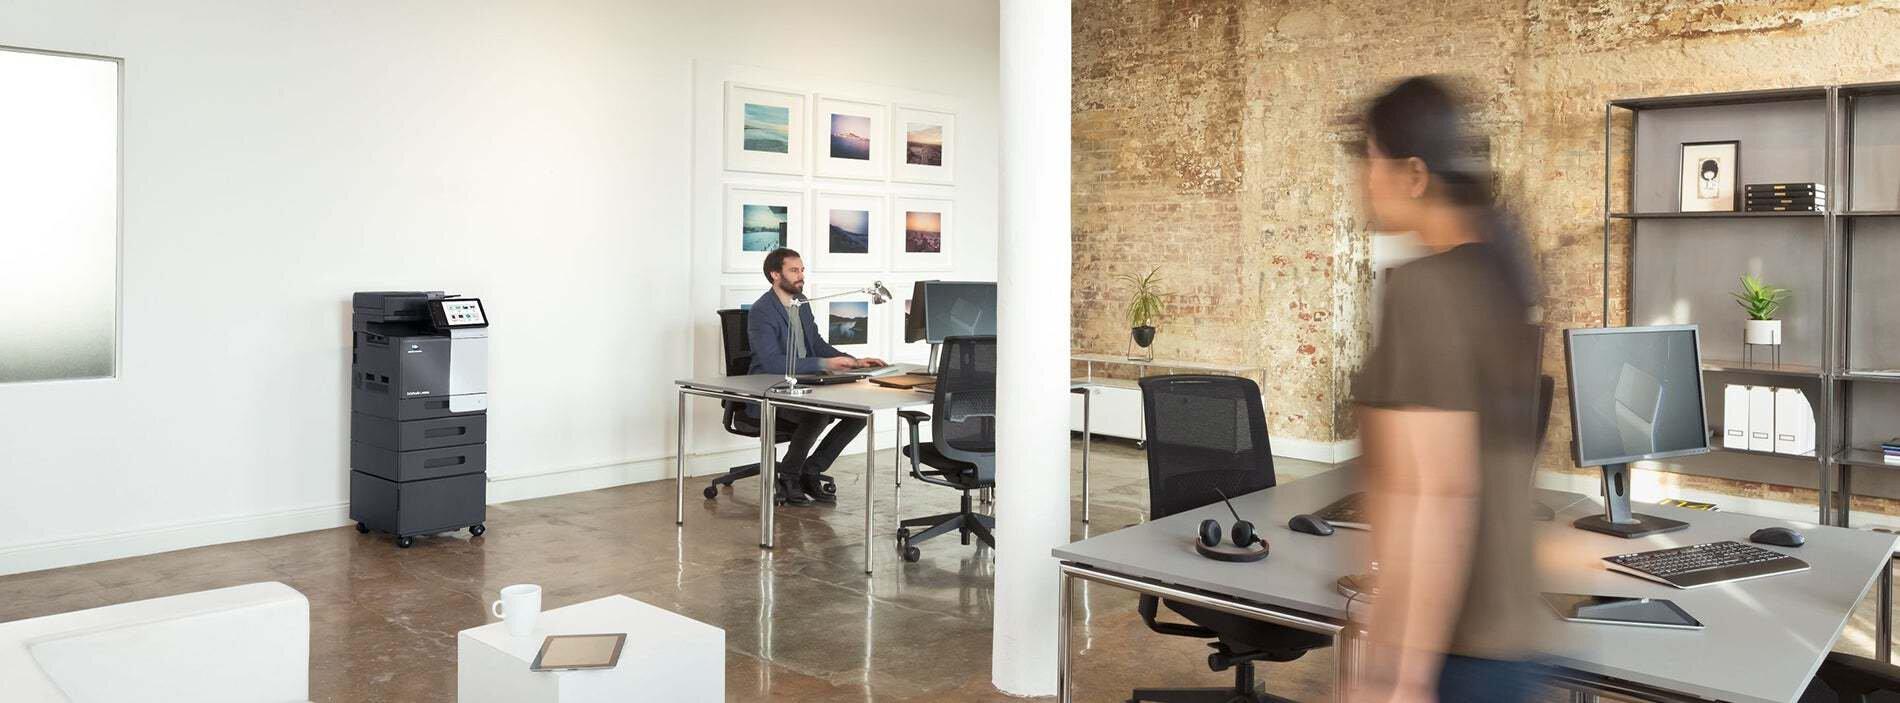 So finden Sie den richtigen Drucker fürs Büro: Frau steht am Bürodrucker in einem großen Büro und holt ihren Ausdruck, Mann sitzt am Schreibtisch und arbeitet